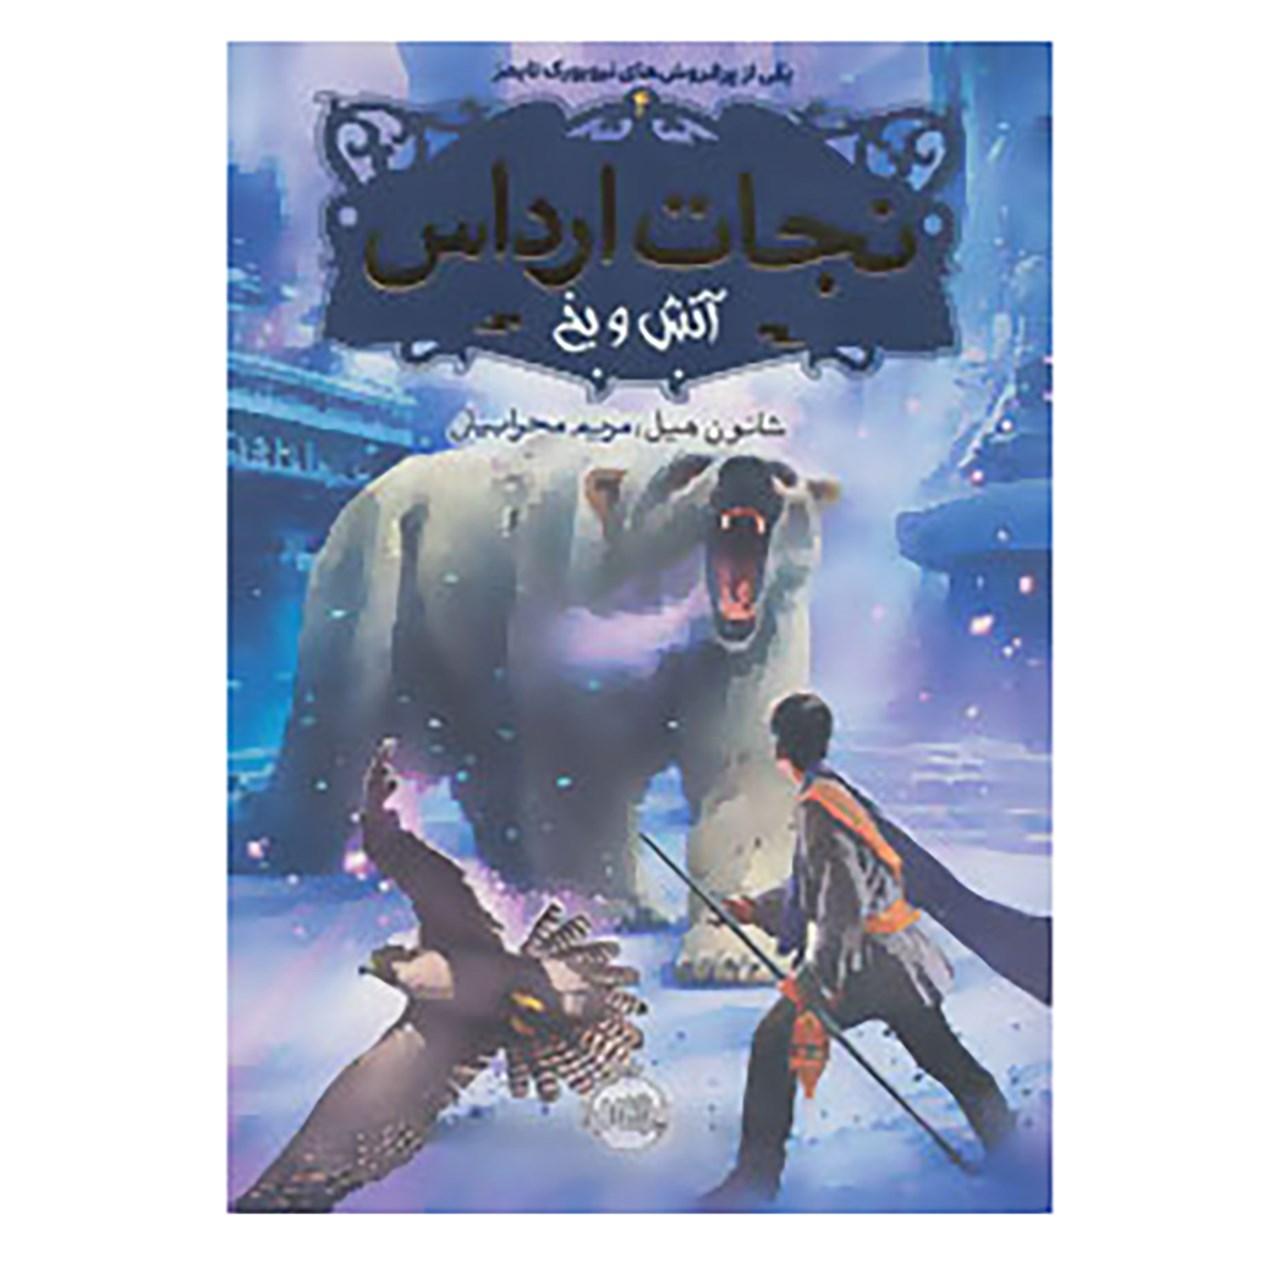 کتاب نجات ارداس 4 اثر شانون هیل